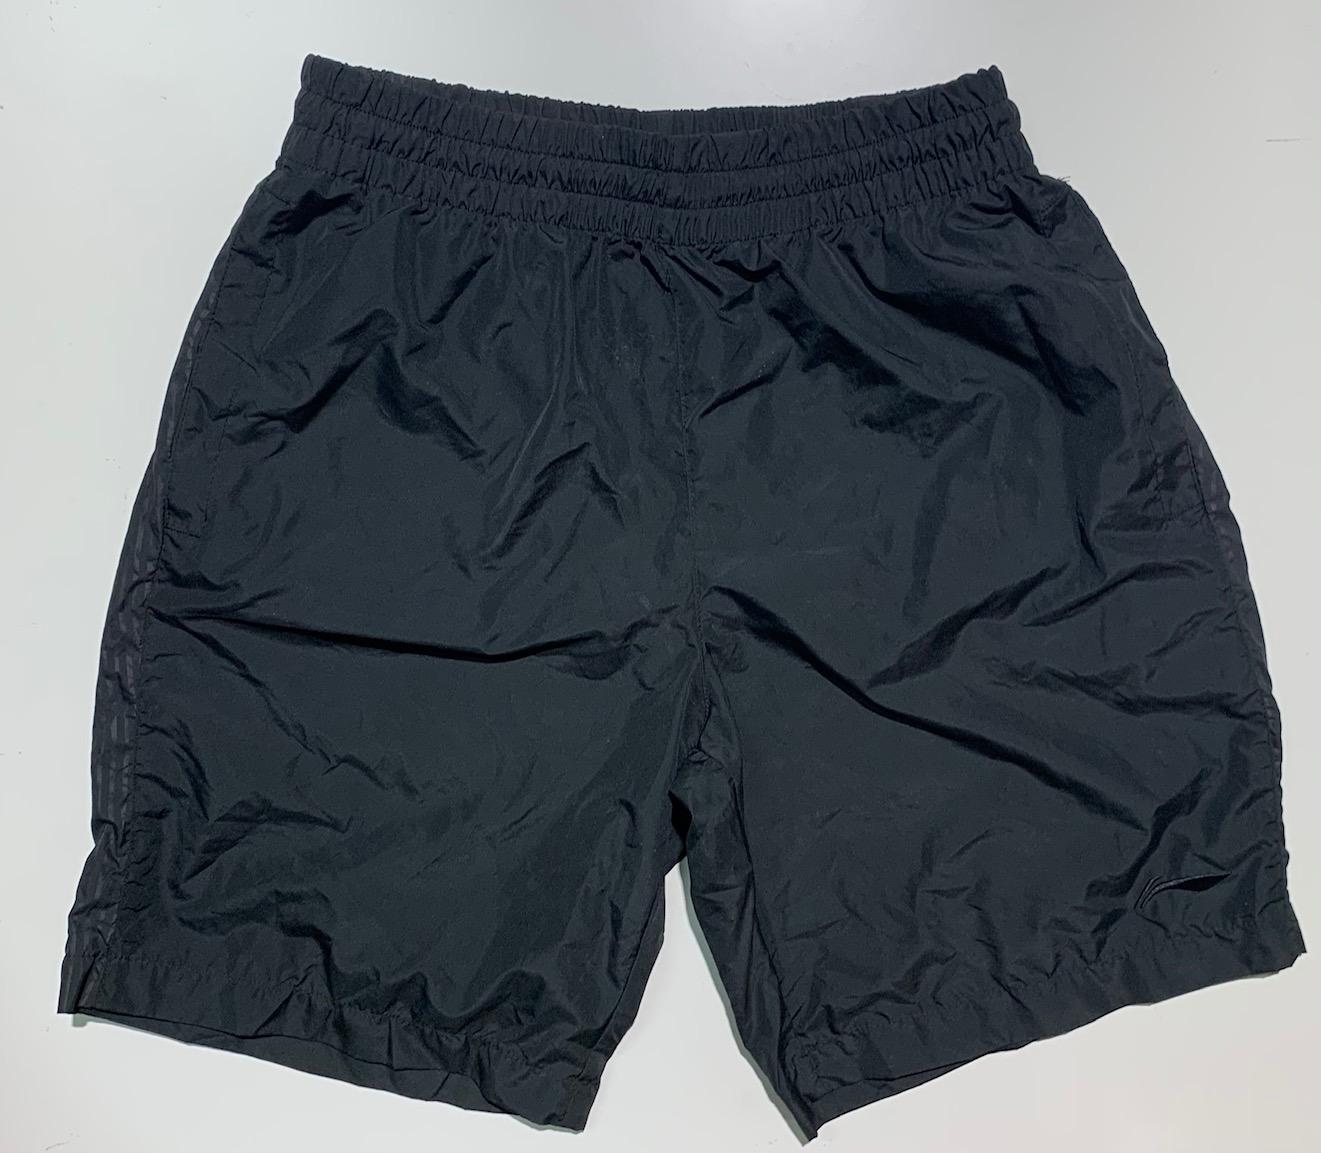 Шорты летние мужские от бренда Li-ning черные